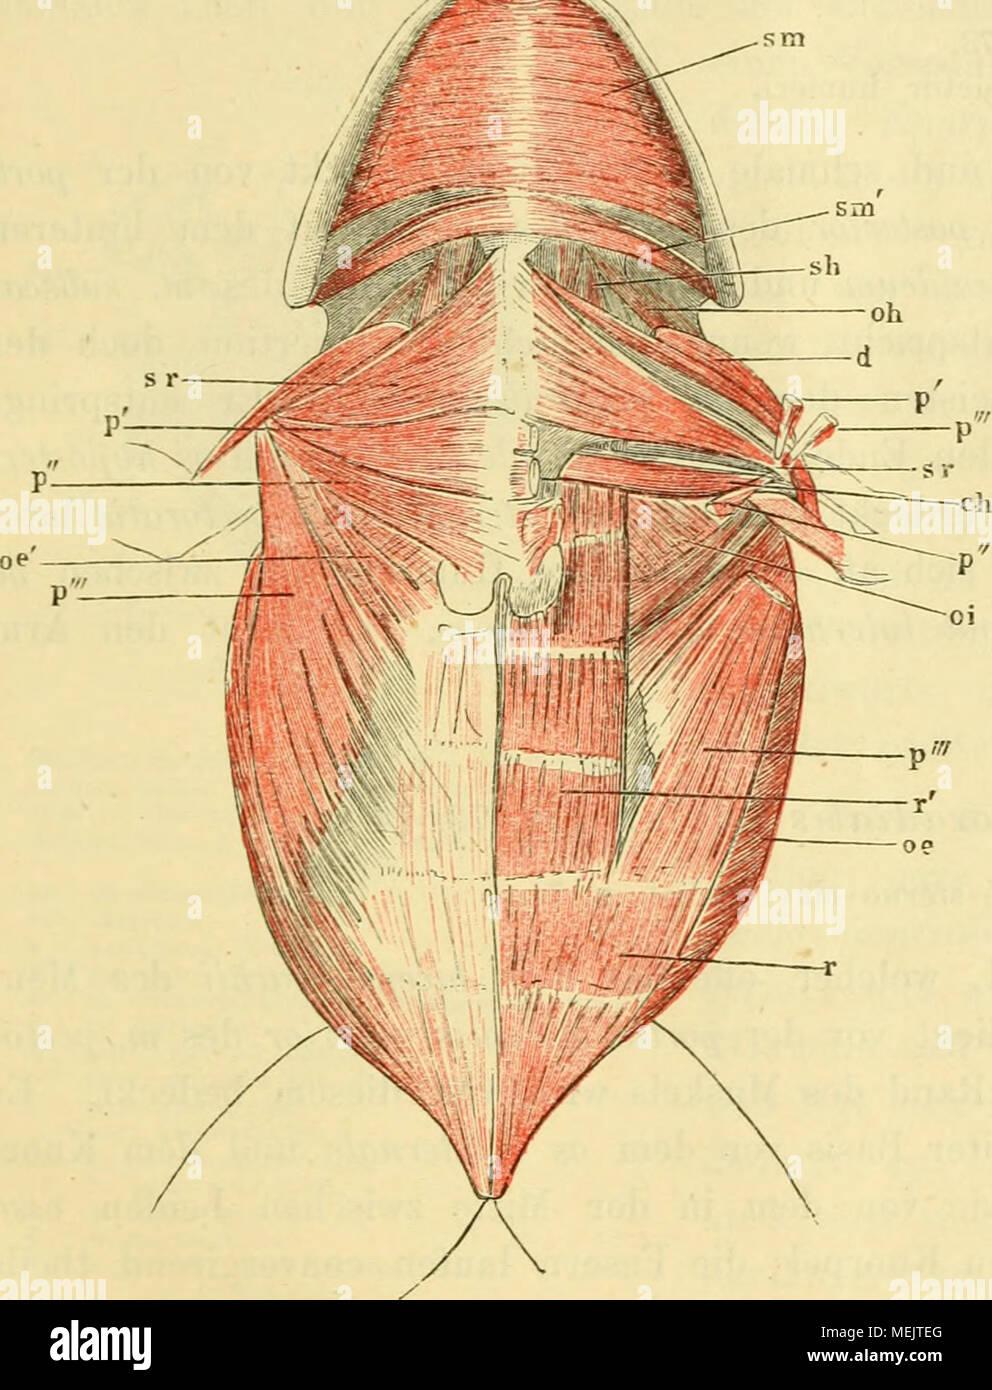 Niedlich Anatomie Und Physiologie Kapitel 5 Study Guide Antworten ...